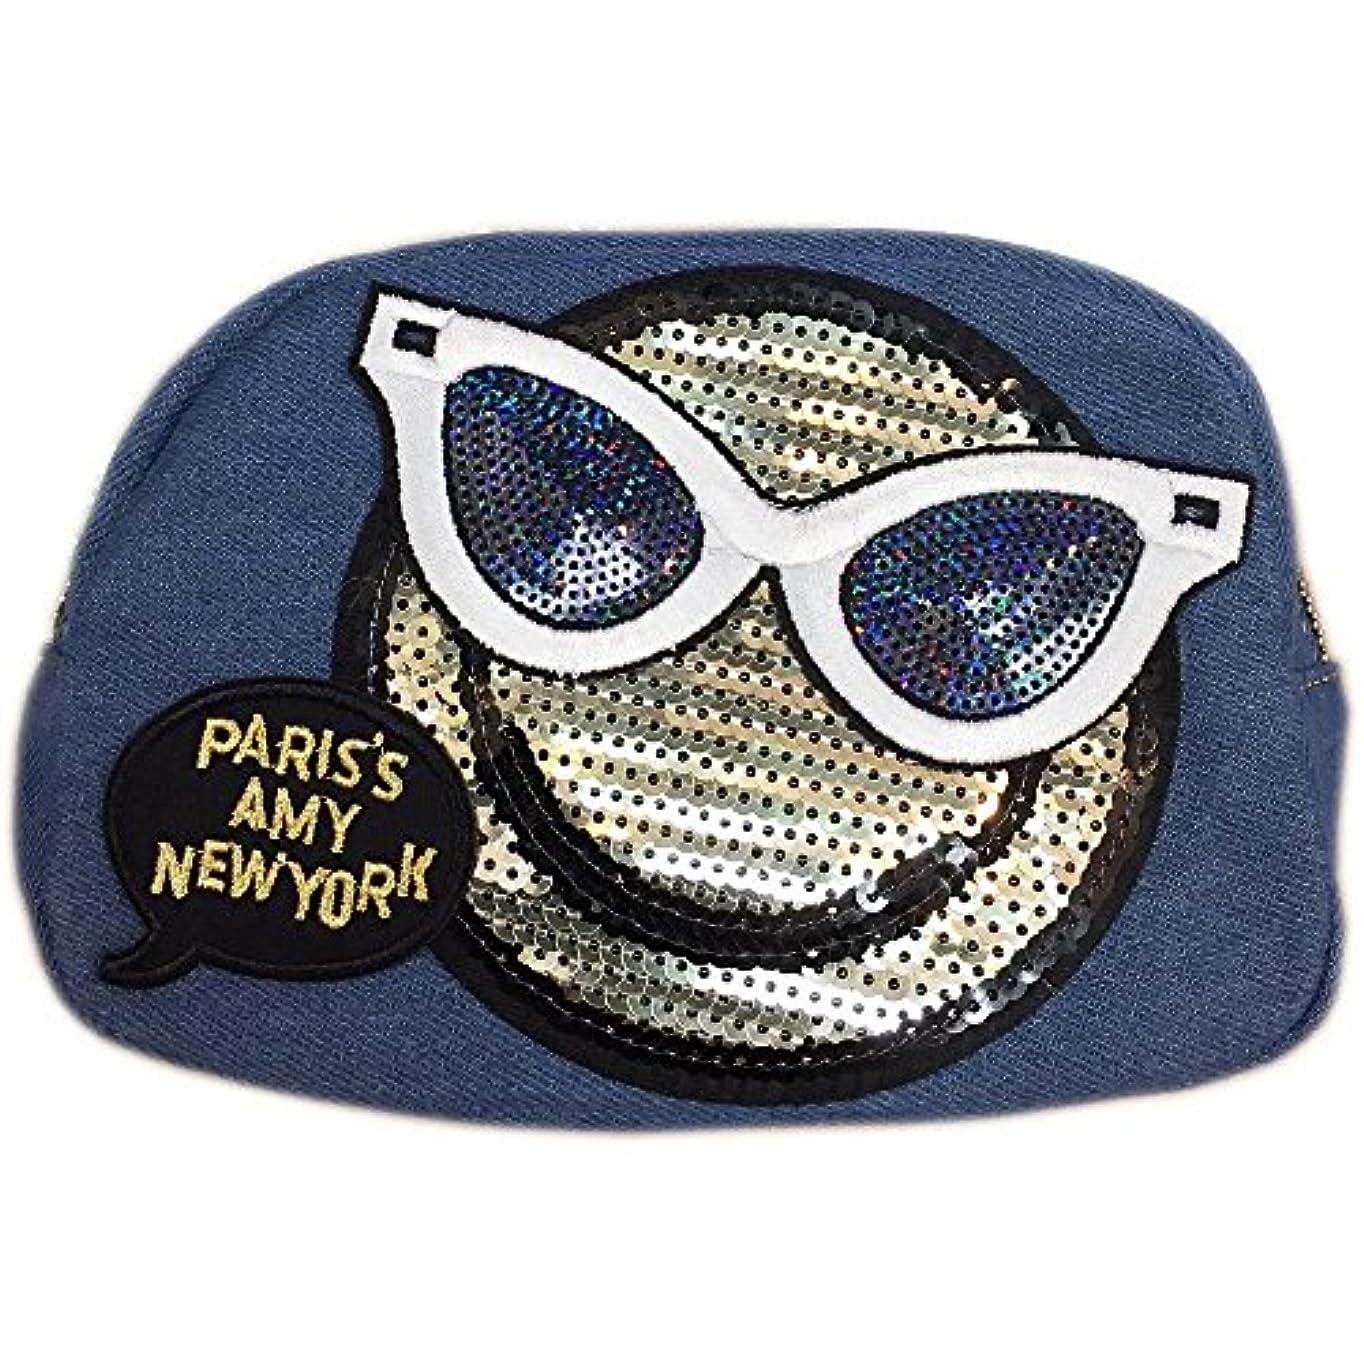 夏提供されたマインドスマイルサングラス 吹き出し デニム コスメポーチ ニコちゃん スマイル smile 化粧ポーチ ワッペン バッグinバッグ バニティメイクポーチ小物入れ デニム ポーチ (ライトブルー)